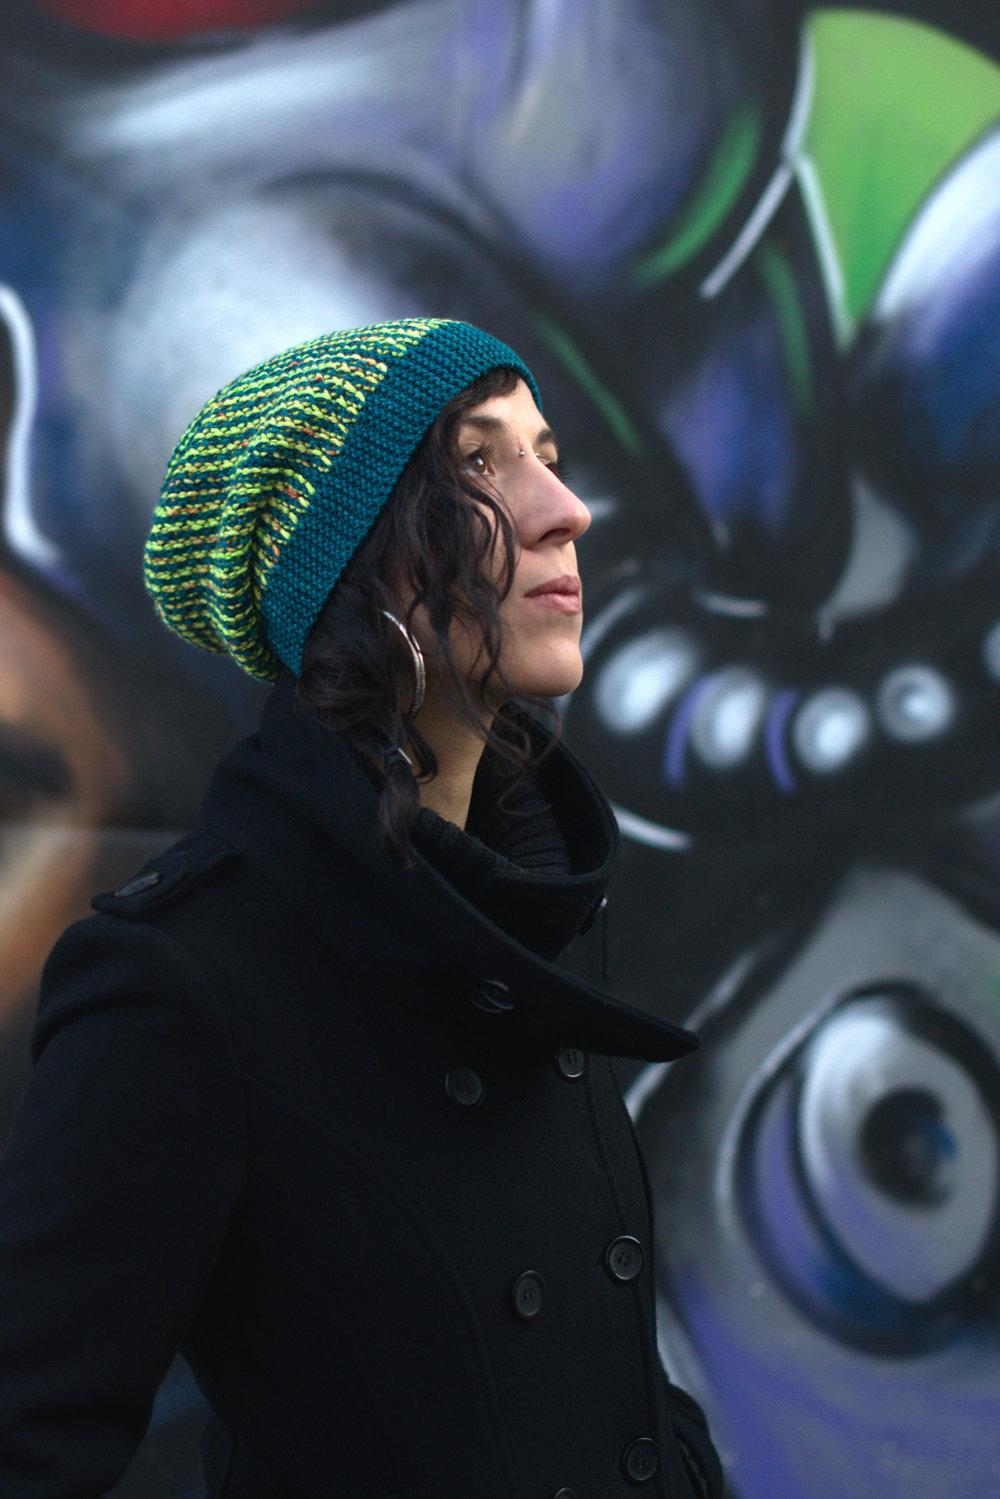 Kourserb reversible sideways knit slouchy hat in two colours for dk yarn